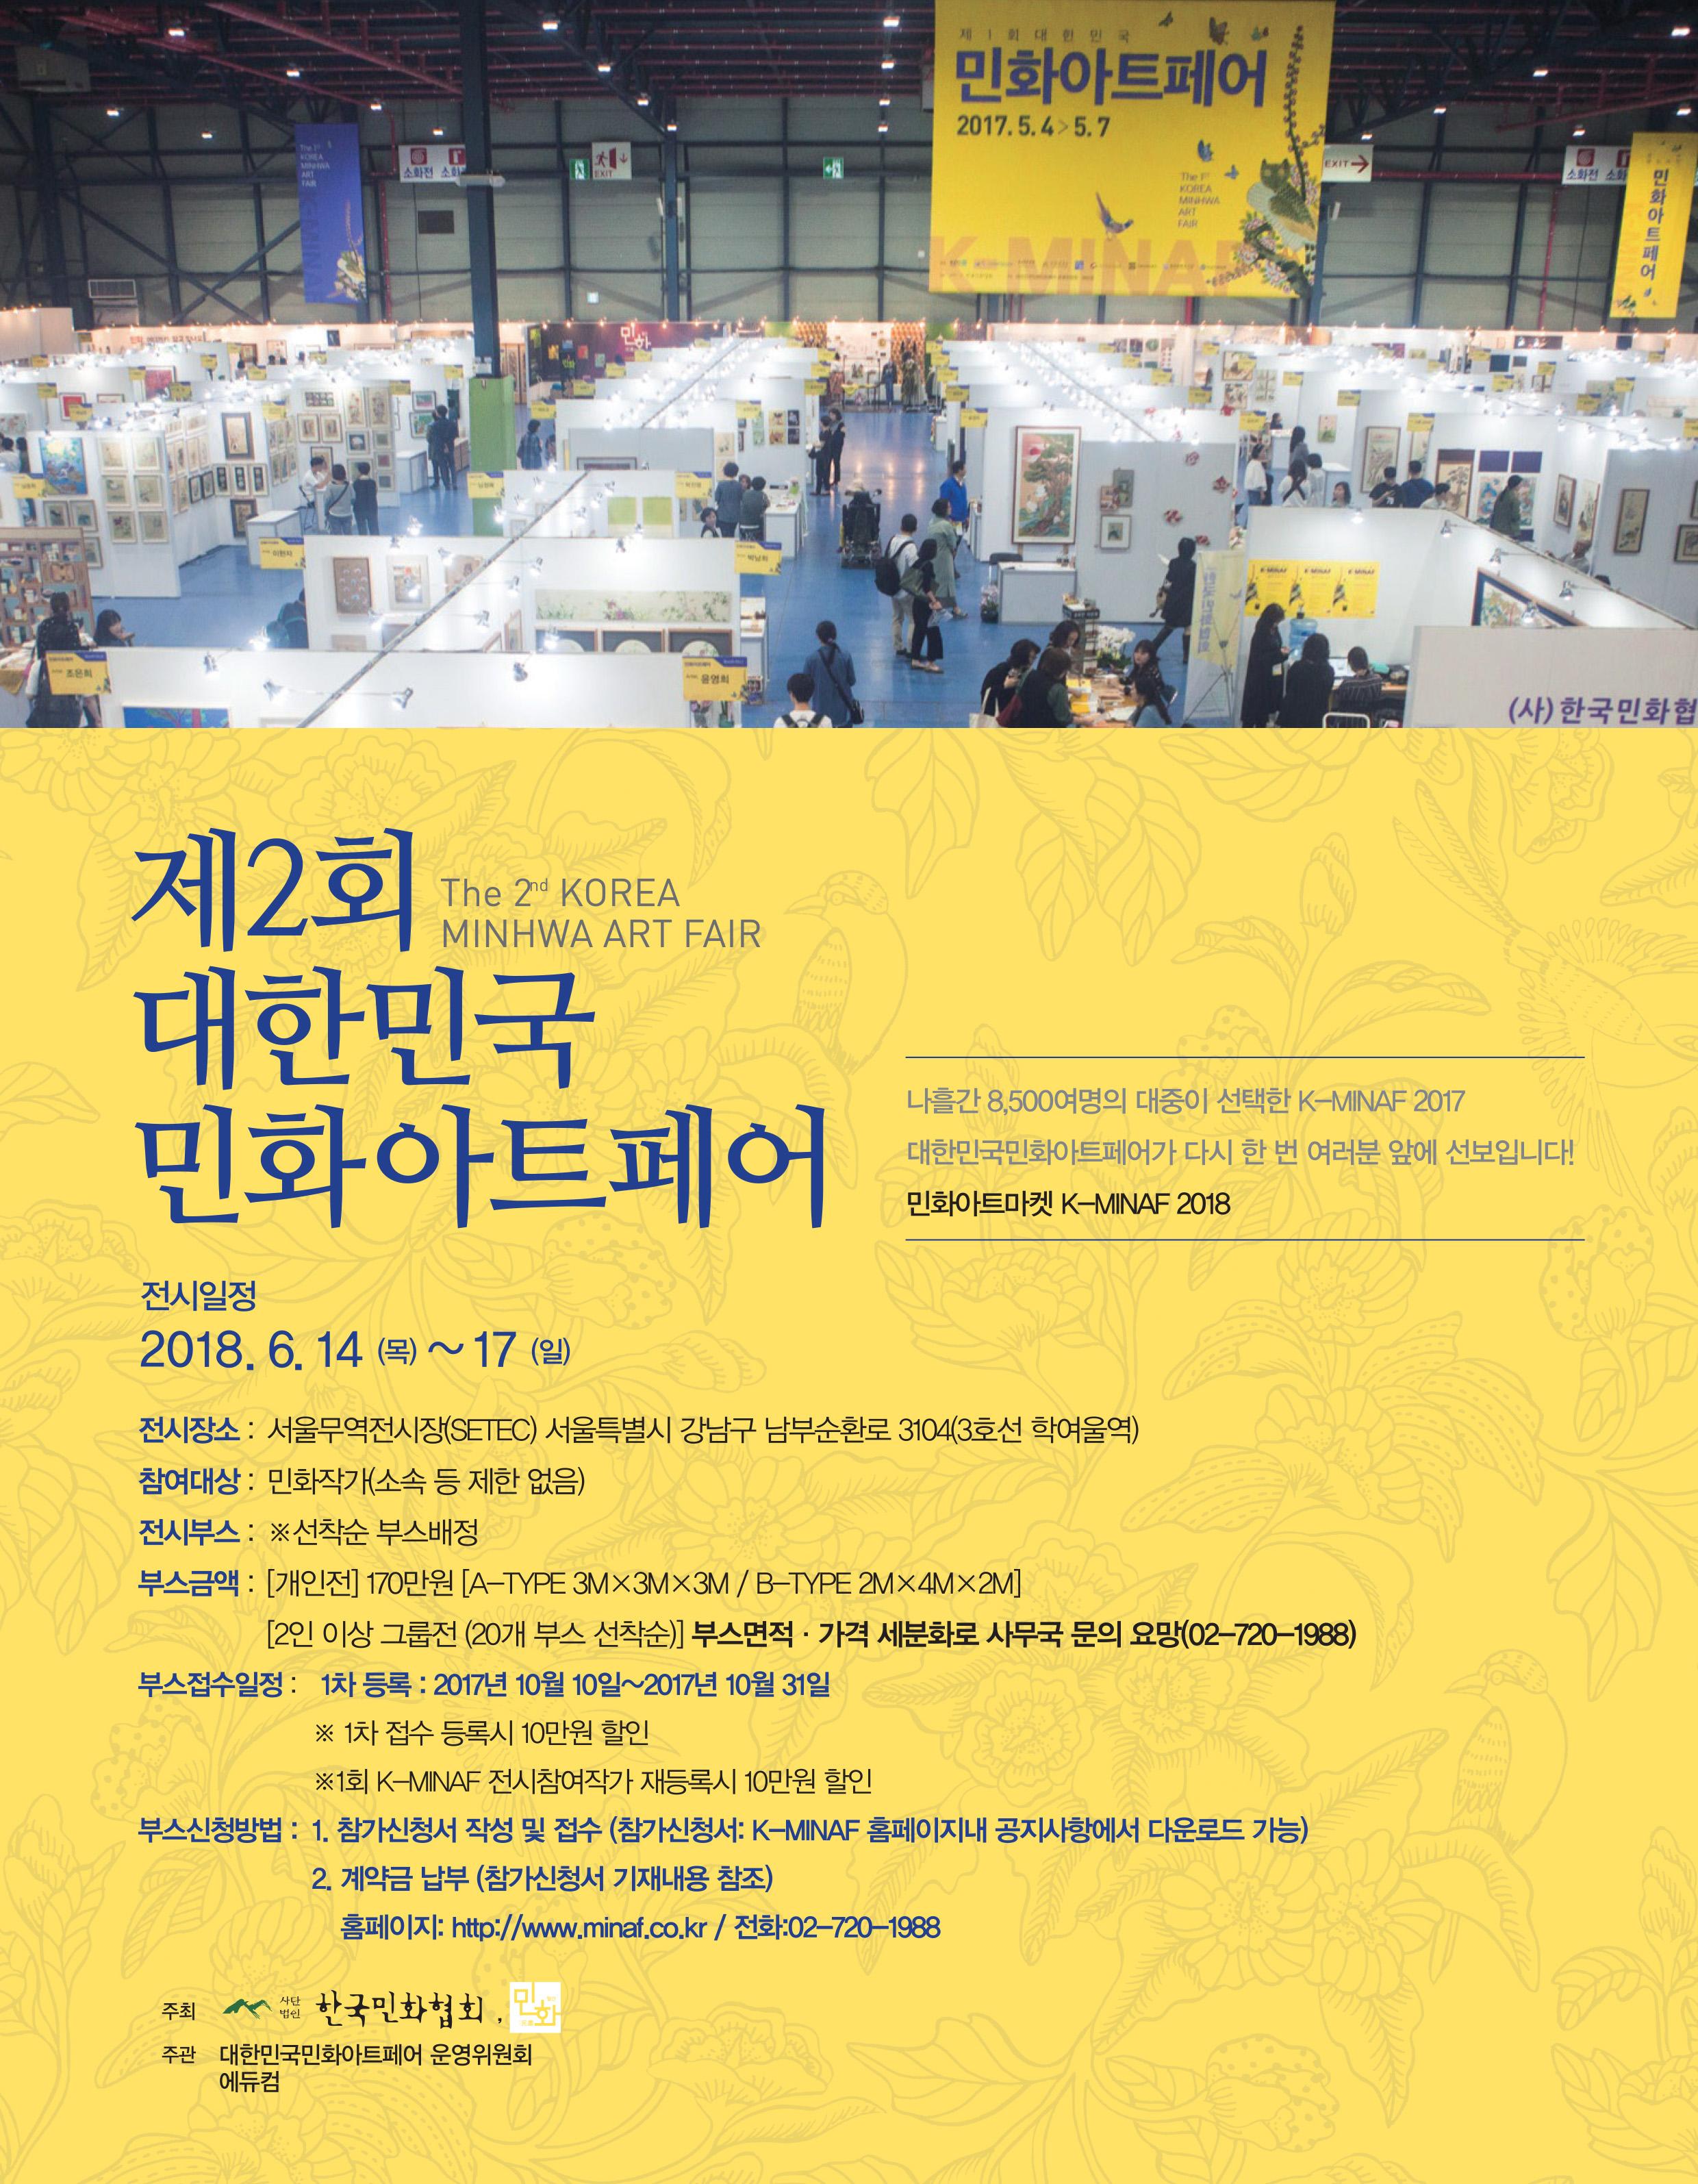 20171011_민화아트페어_광고최종(홈피업로드).jpg